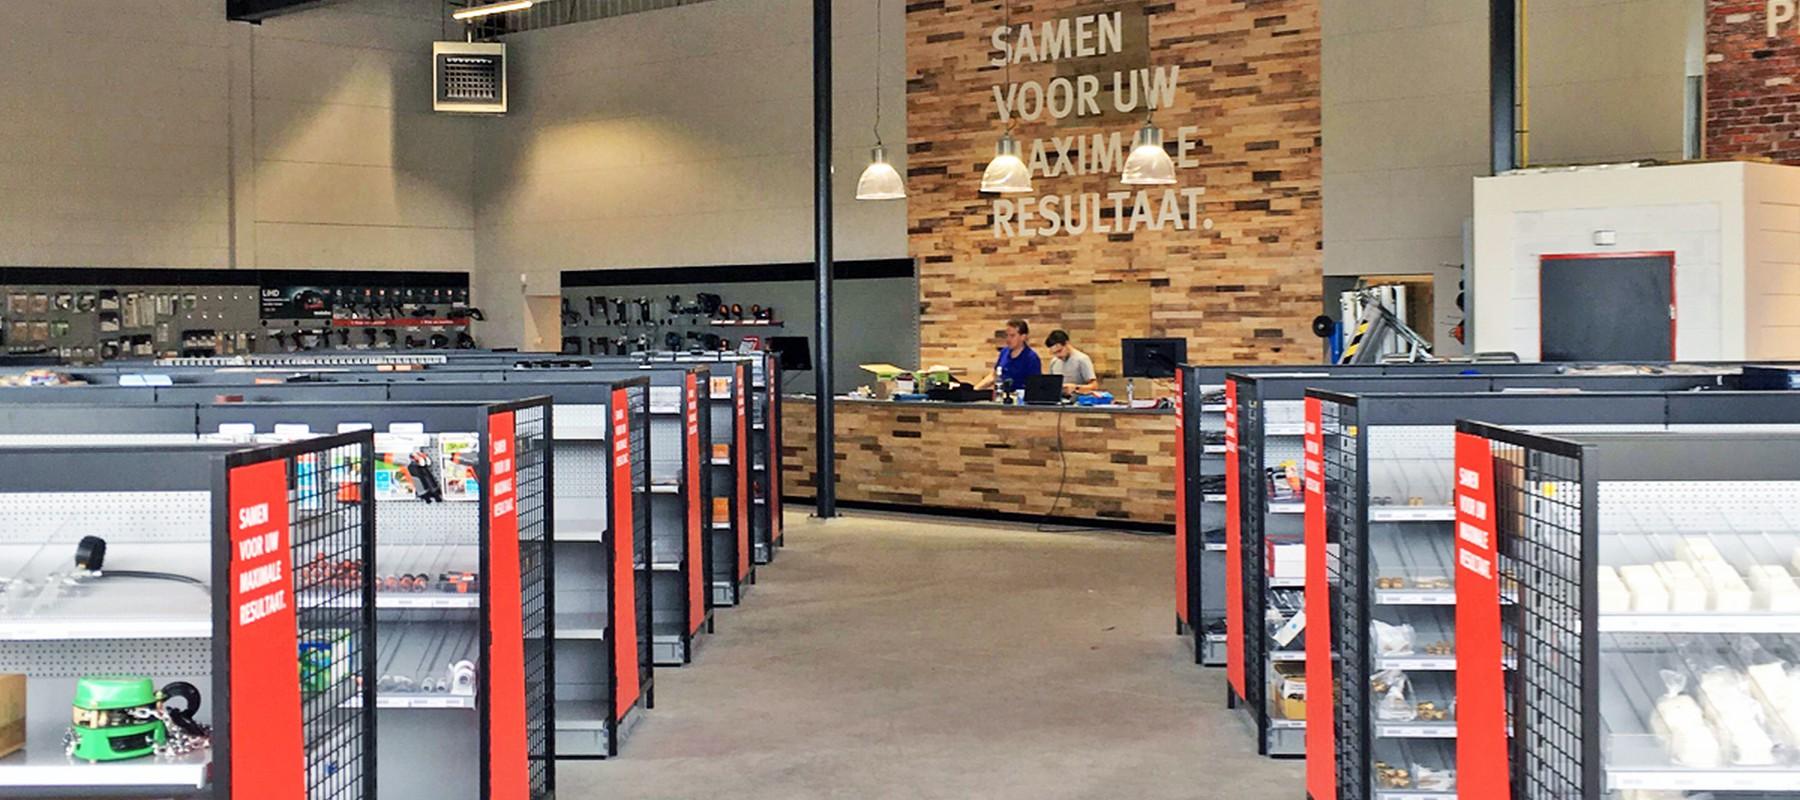 Mastermate opent nieuwe vestiging in Bergen op Zoom